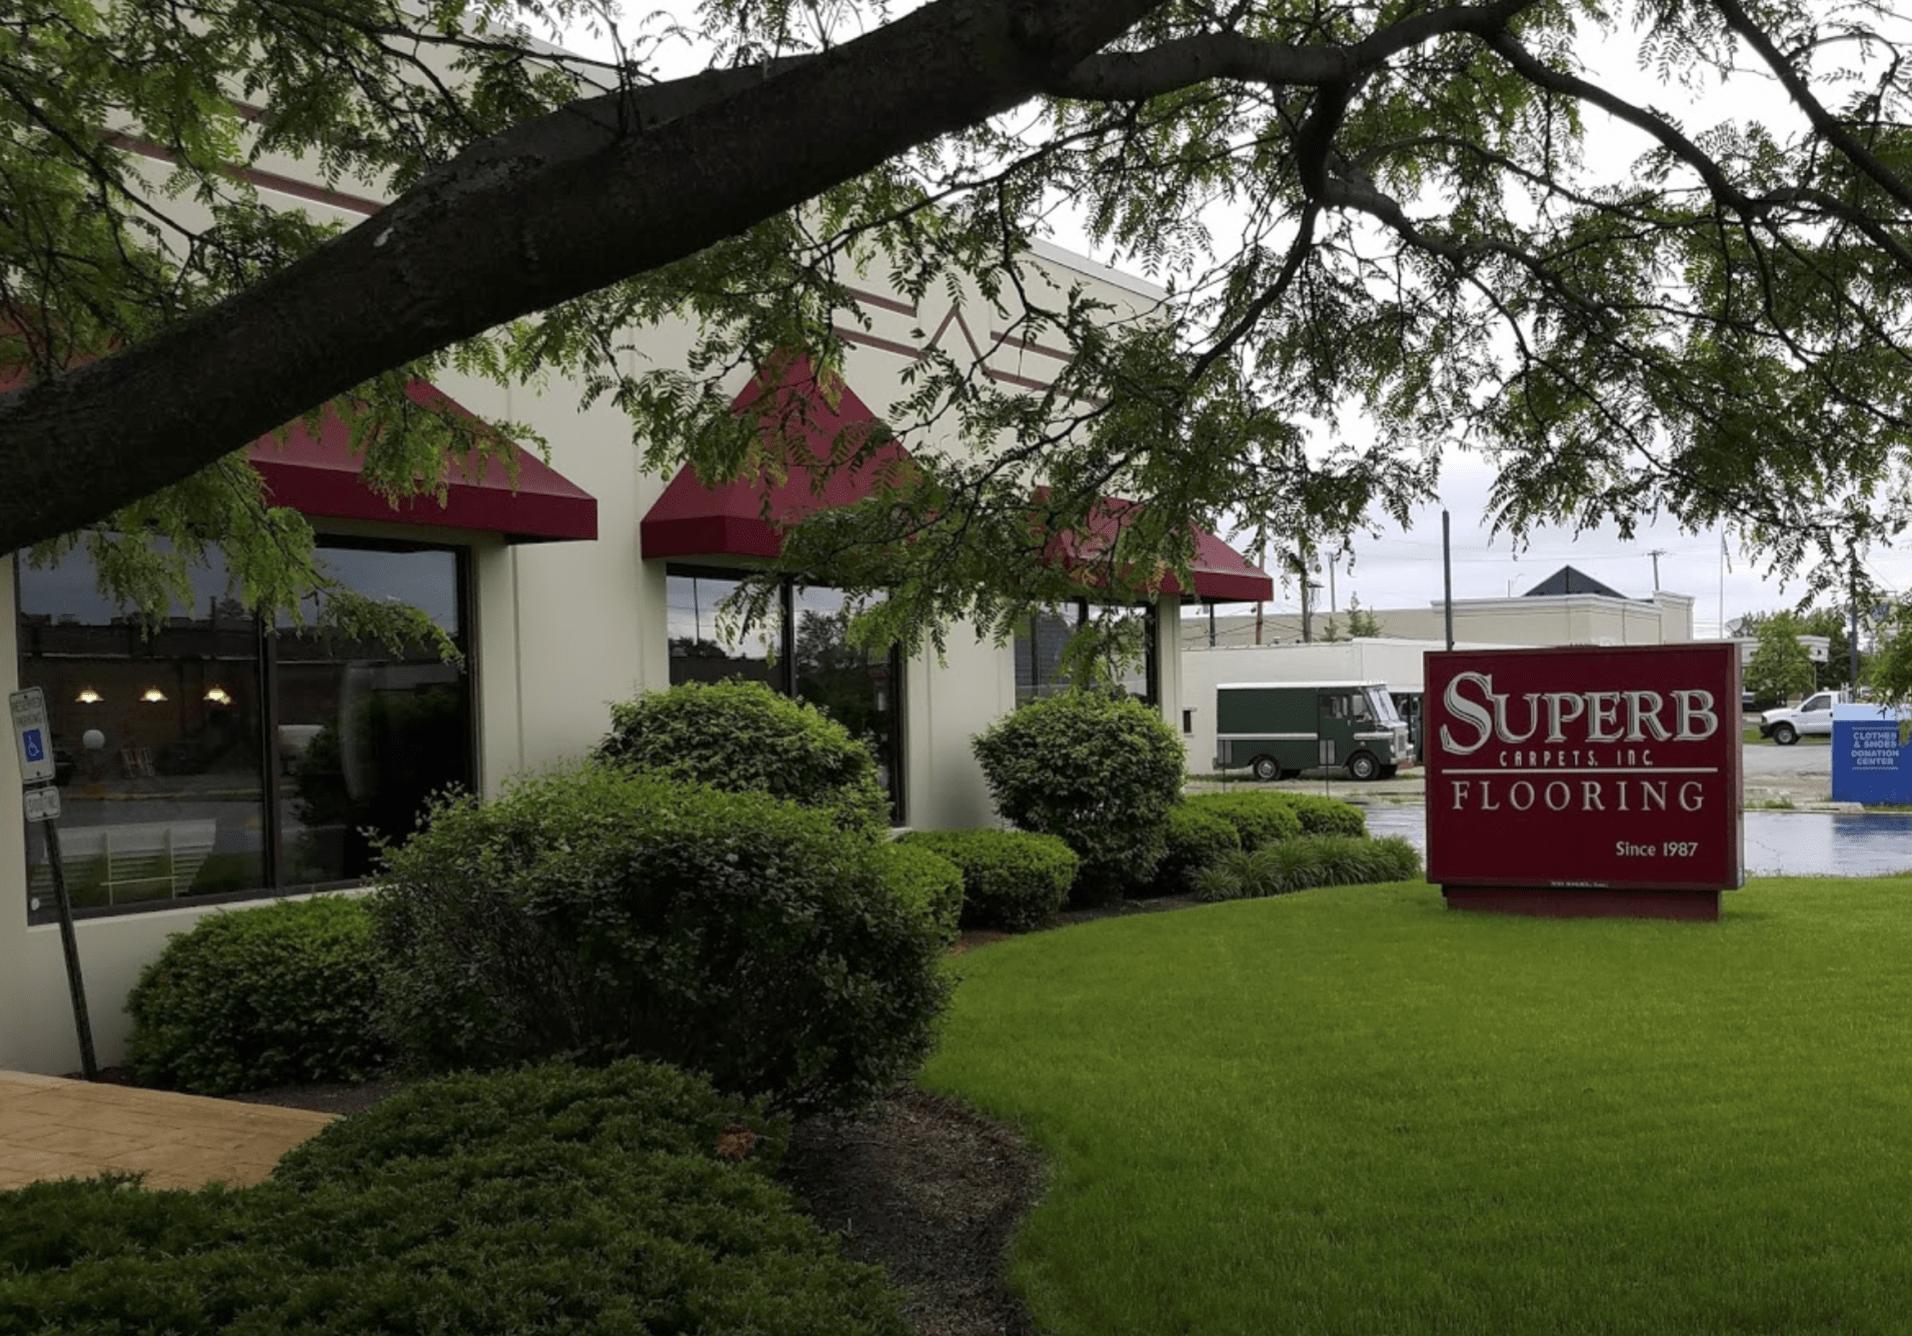 Superb Carpets, Inc. - 2010 N Gary Ave, Wheaton, IL 60187